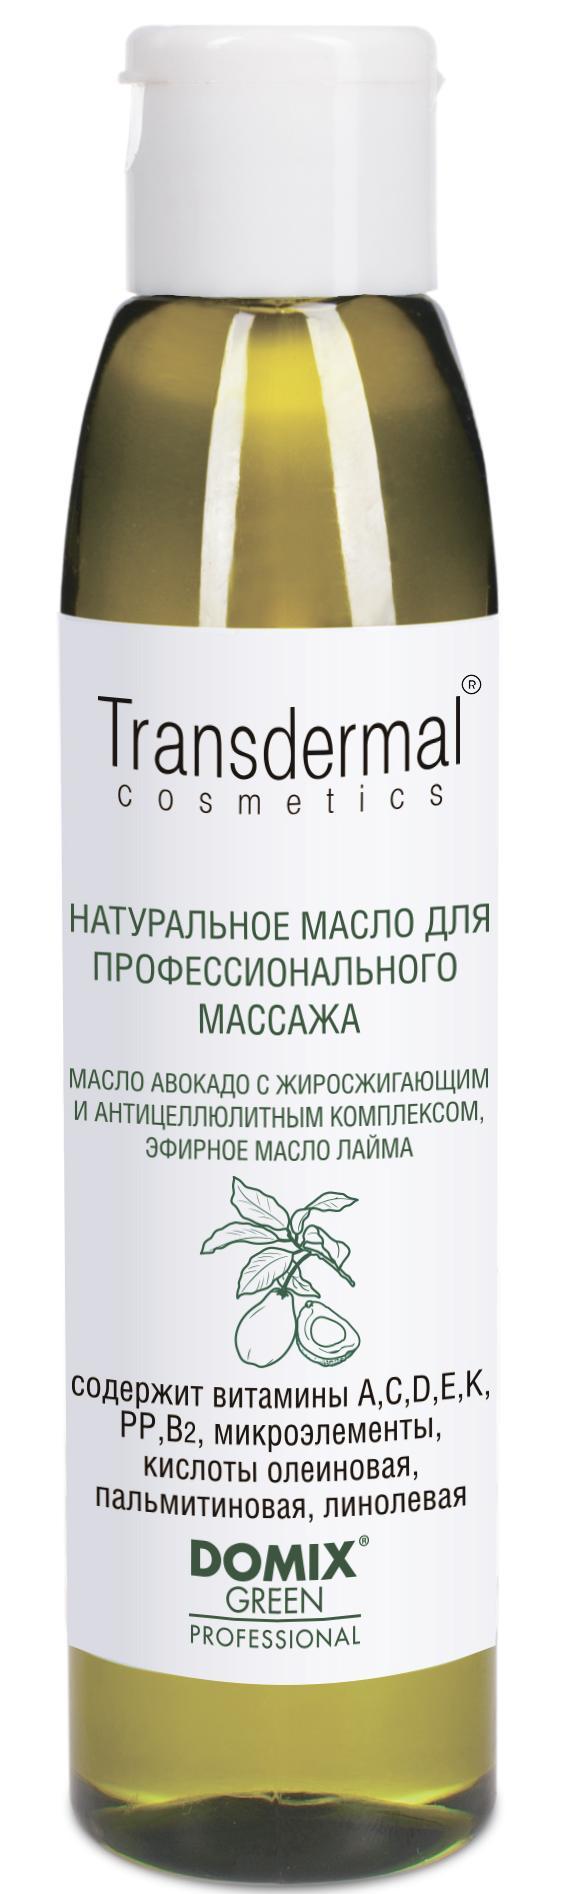 DOMIX Масло авокадо натуральное с жиросжигющим и антицеллюлитным комплексом, эфирное масло лайма / TRANSDERMAL COSMETICS 136 мл